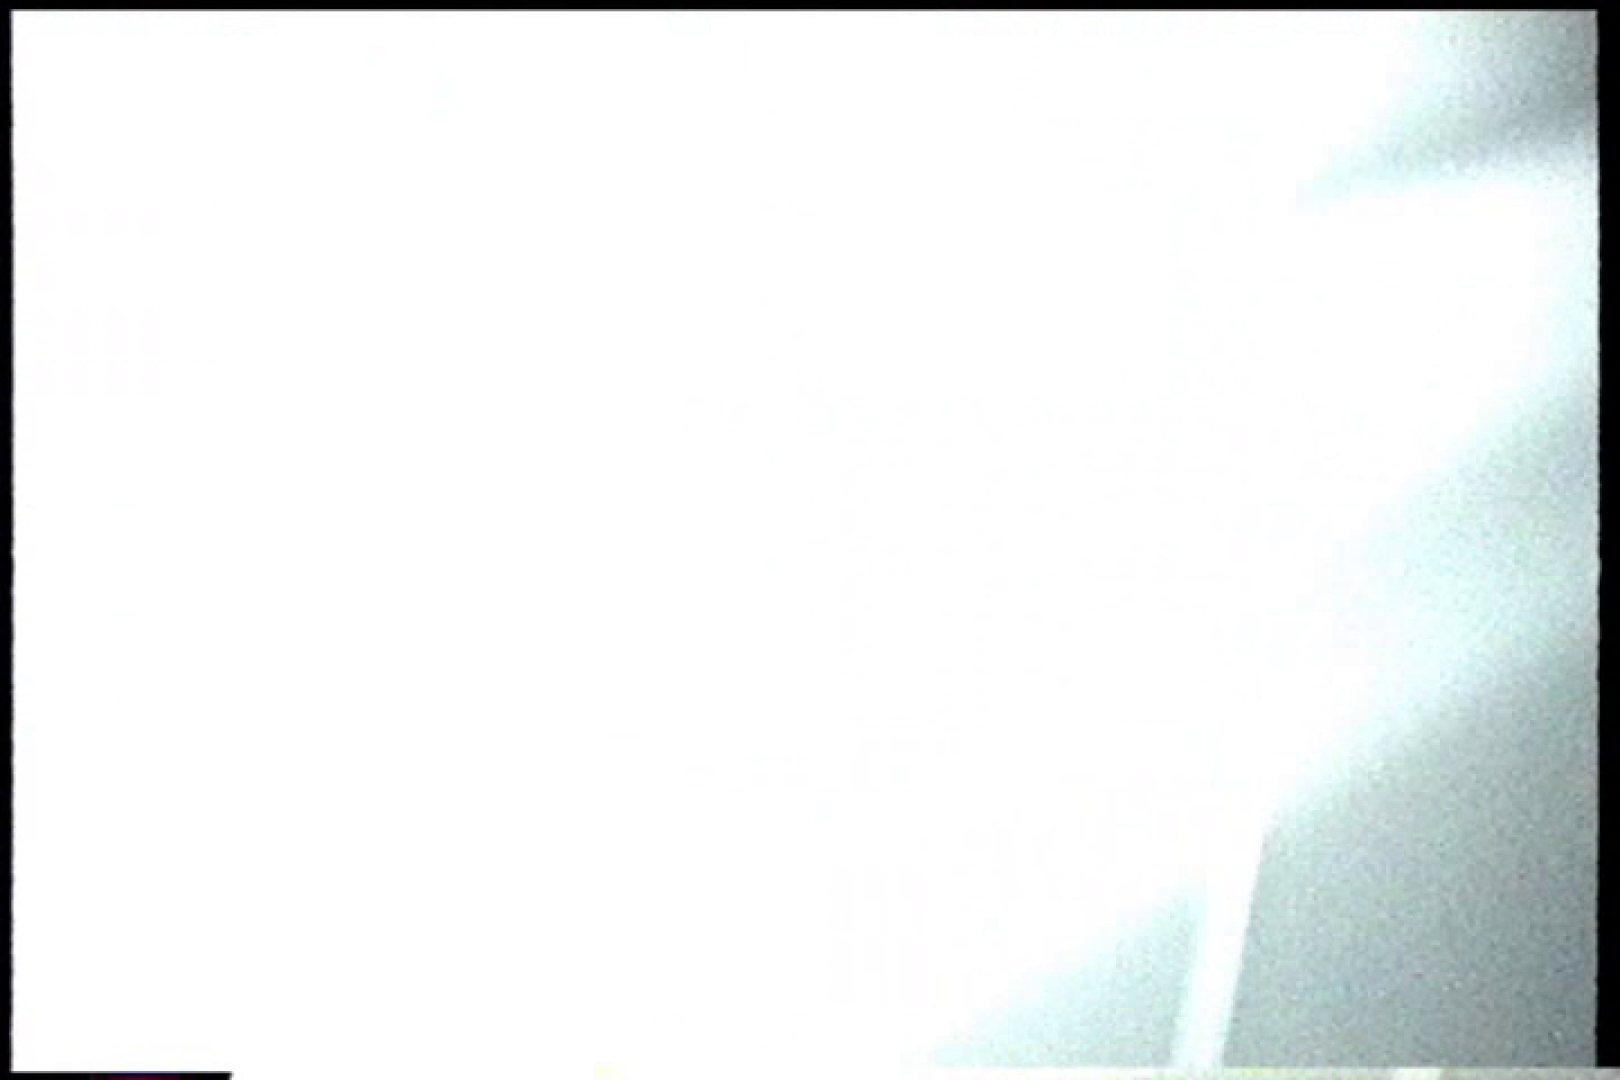 充血監督の深夜の運動会Vol.217 カップル オメコ無修正動画無料 80pic 62